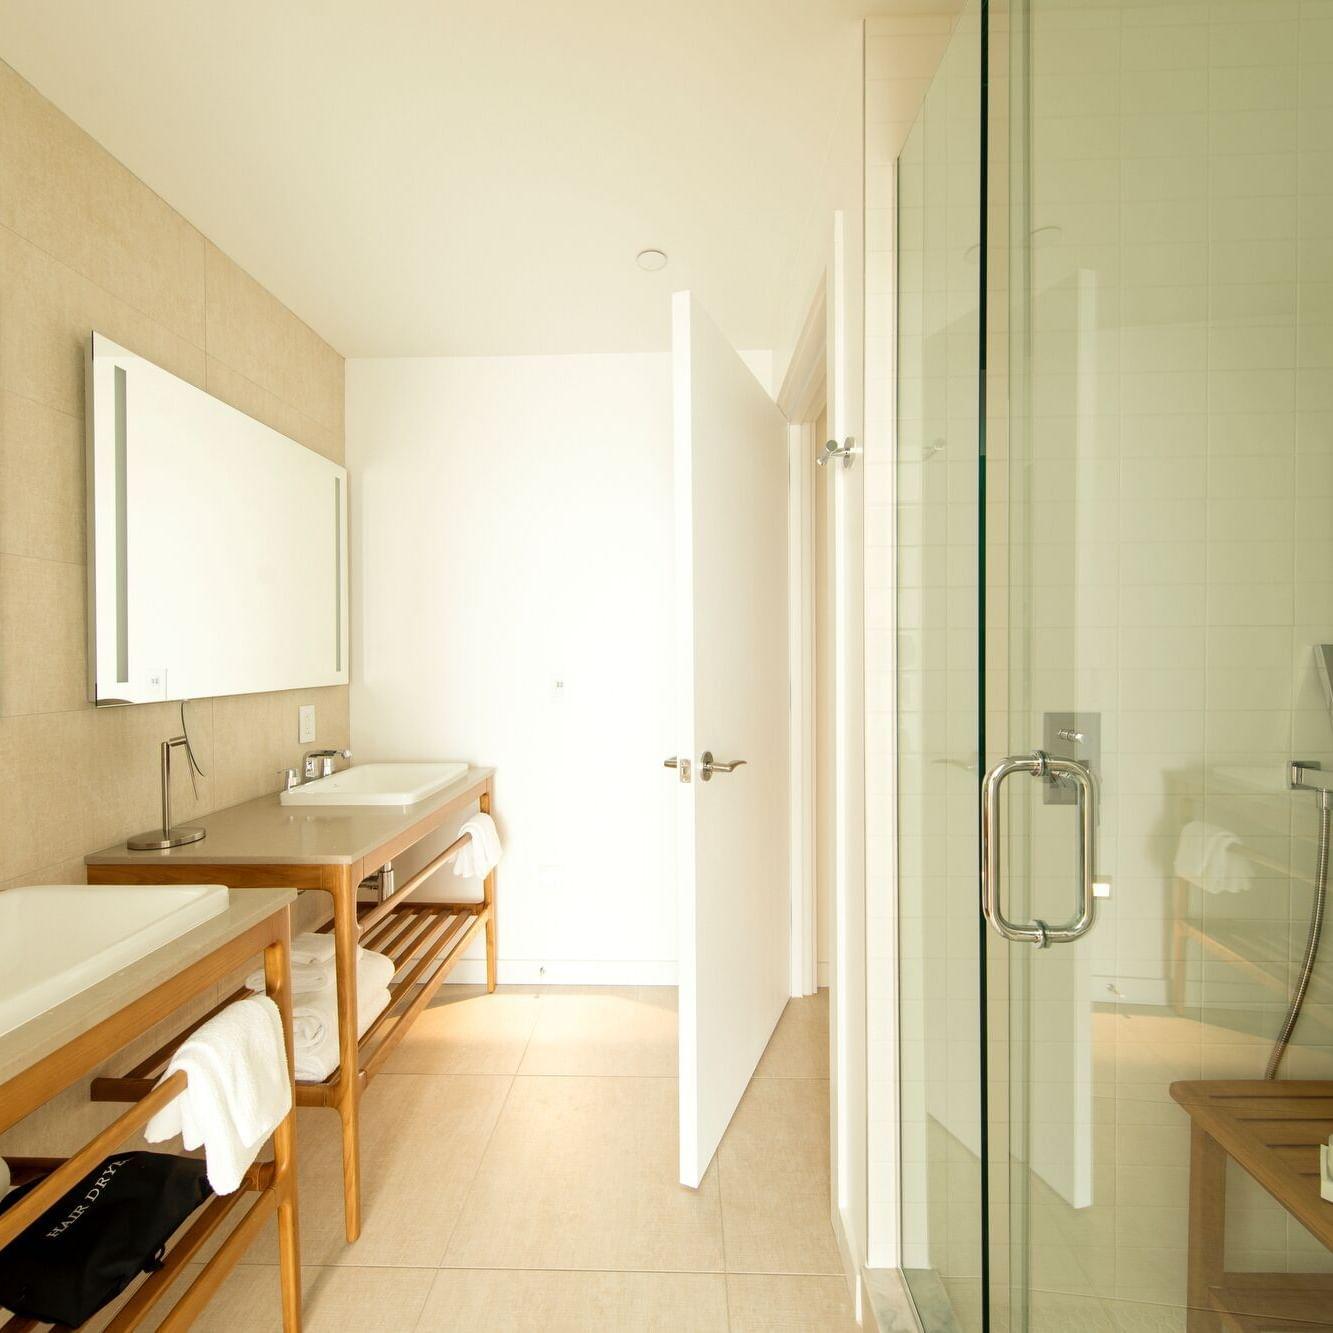 bathroom with double vanities and walk in shower